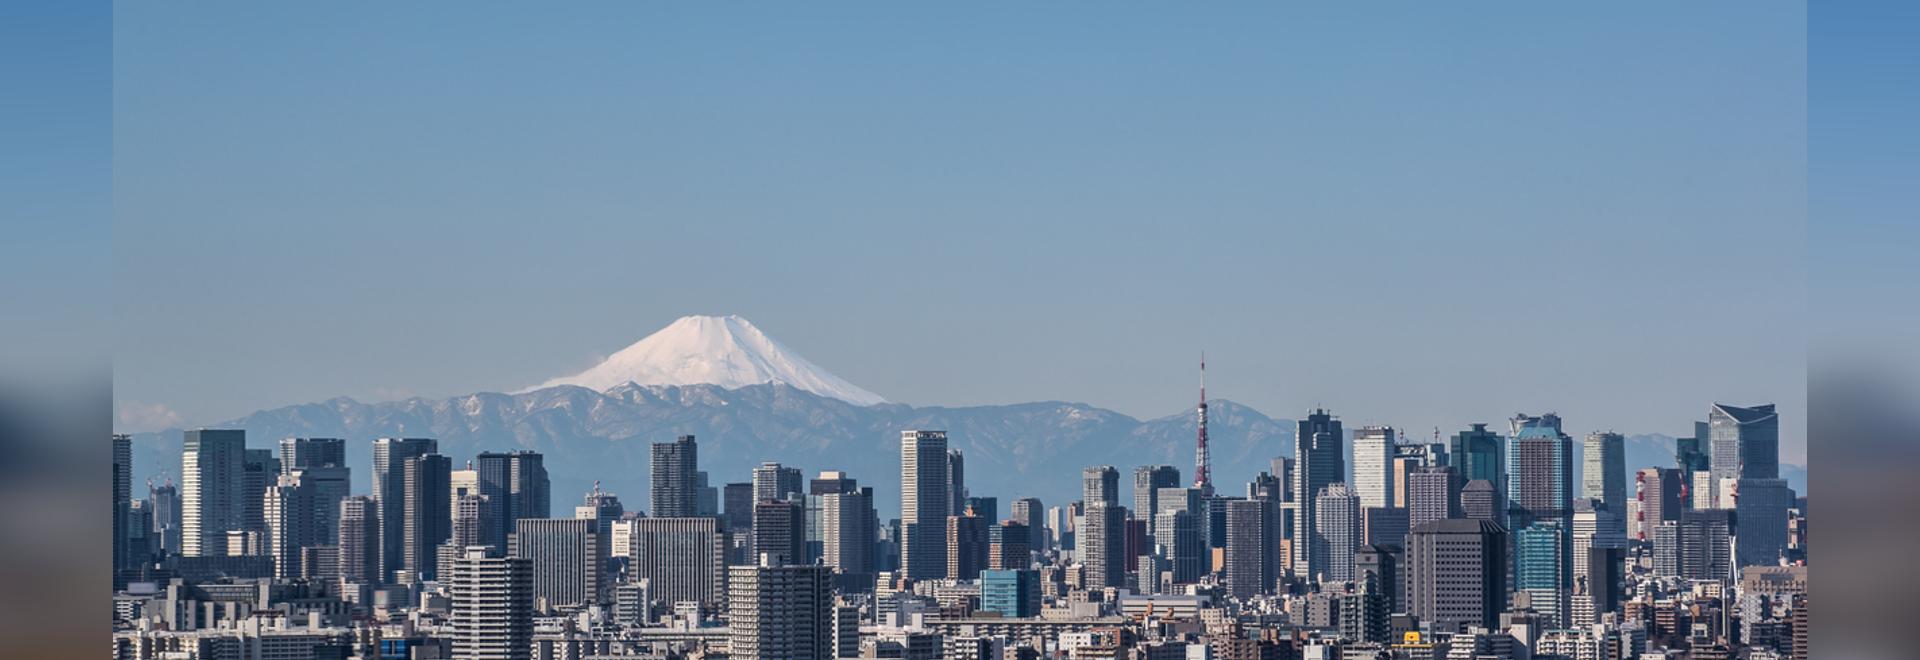 Vista de la ciudad de Tokio, el edificio del centro de Tokio y la torre de Tokio con la montaña Fuji en un día claro. La metrópolis de Tokio es la capital de Japón y una de sus 47 prefecturas.